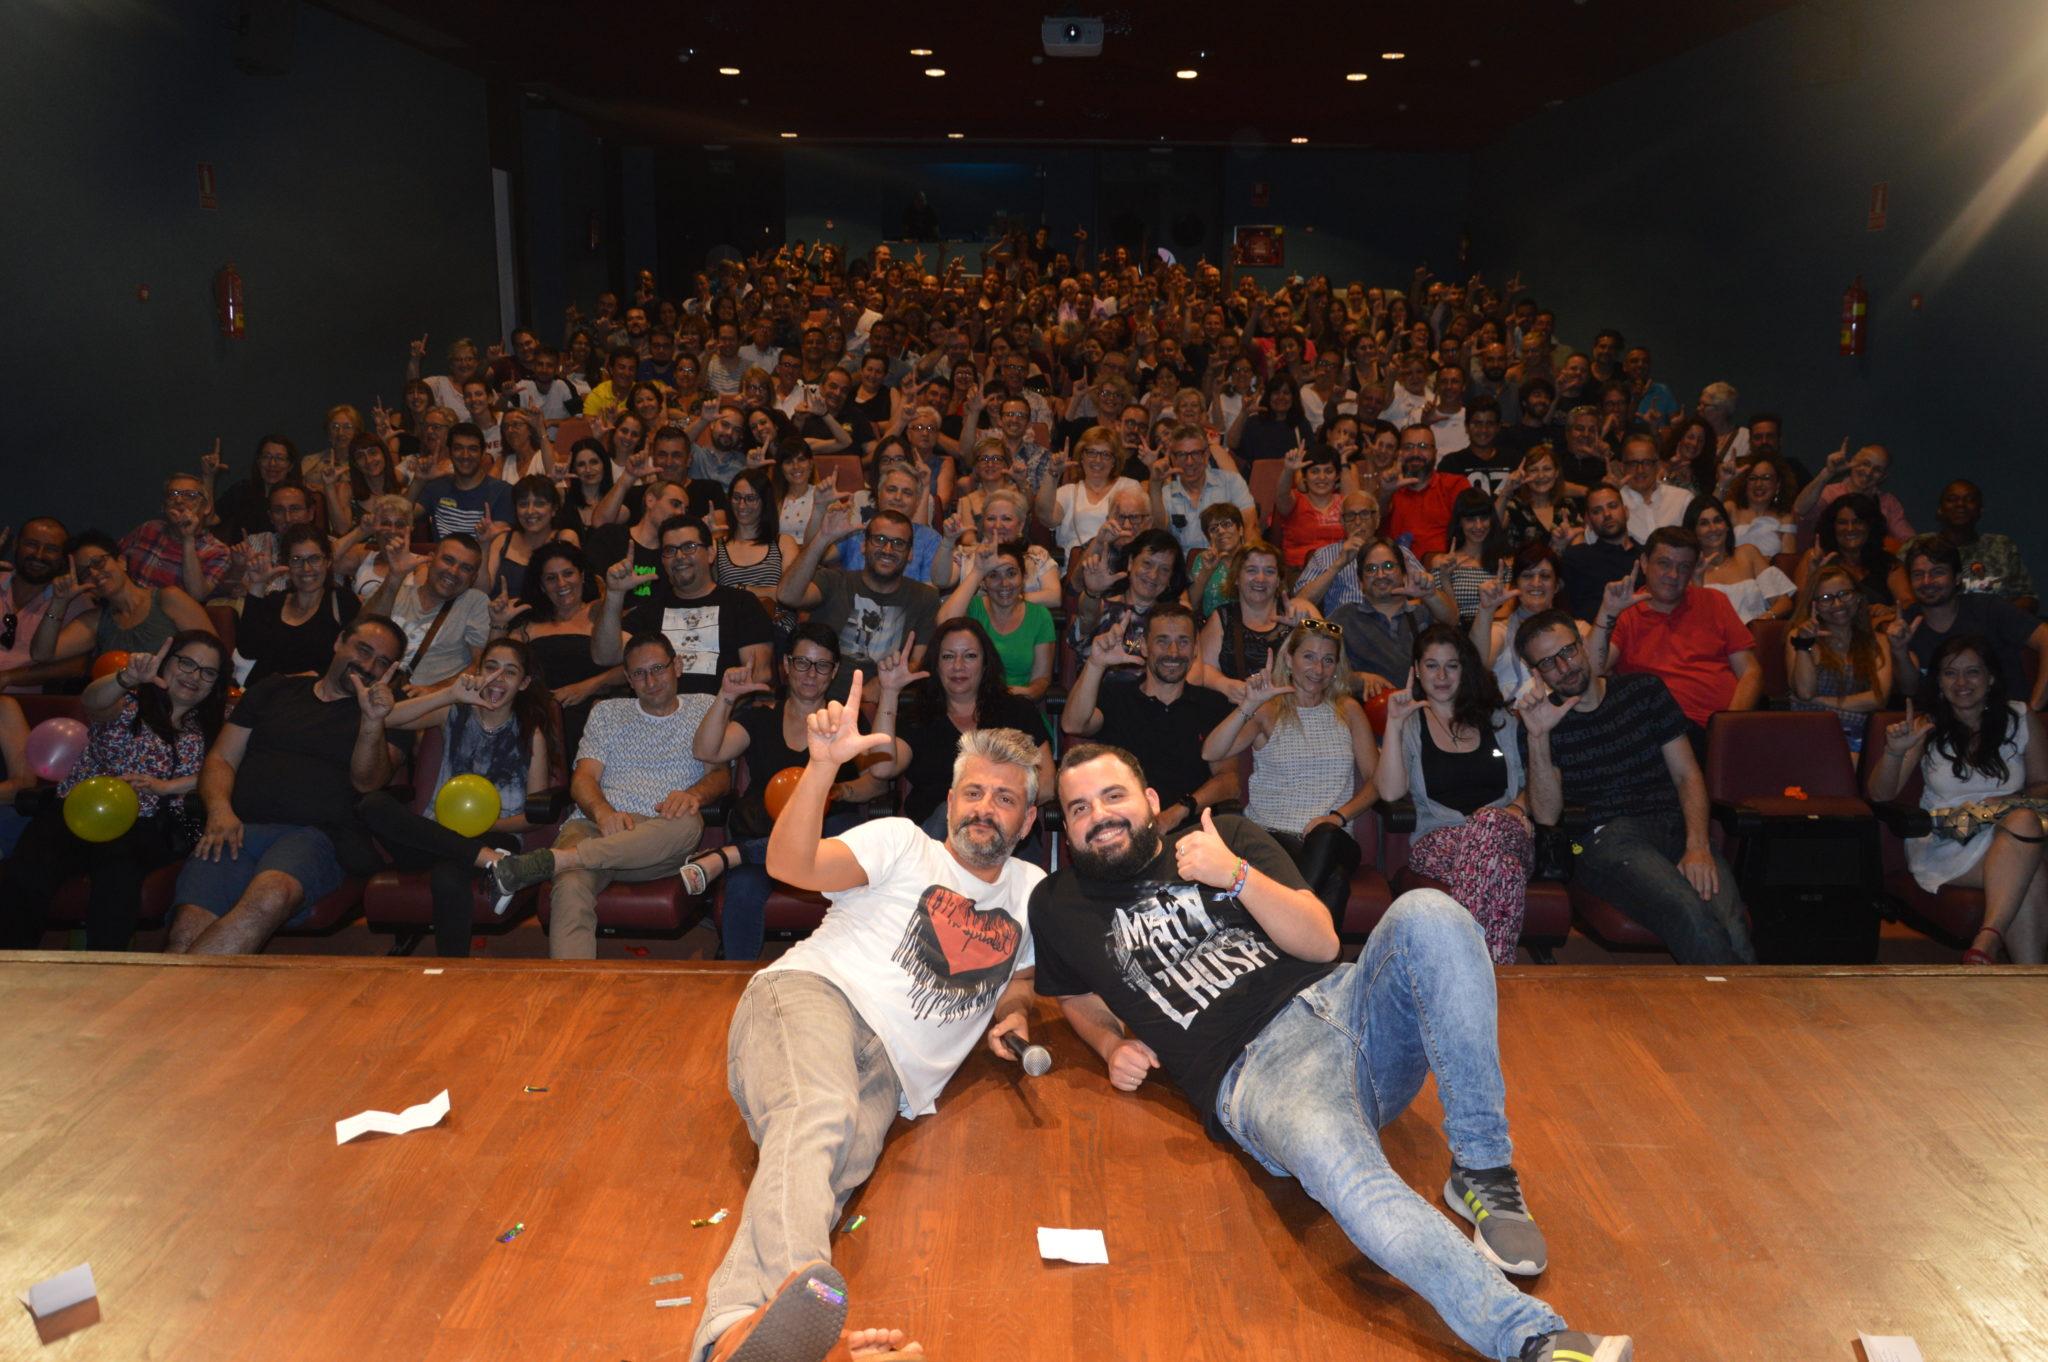 Fem L'Humor - Hospitalet - Raul Alcaraz cómico - monologuista - actor -Final Público FLH8